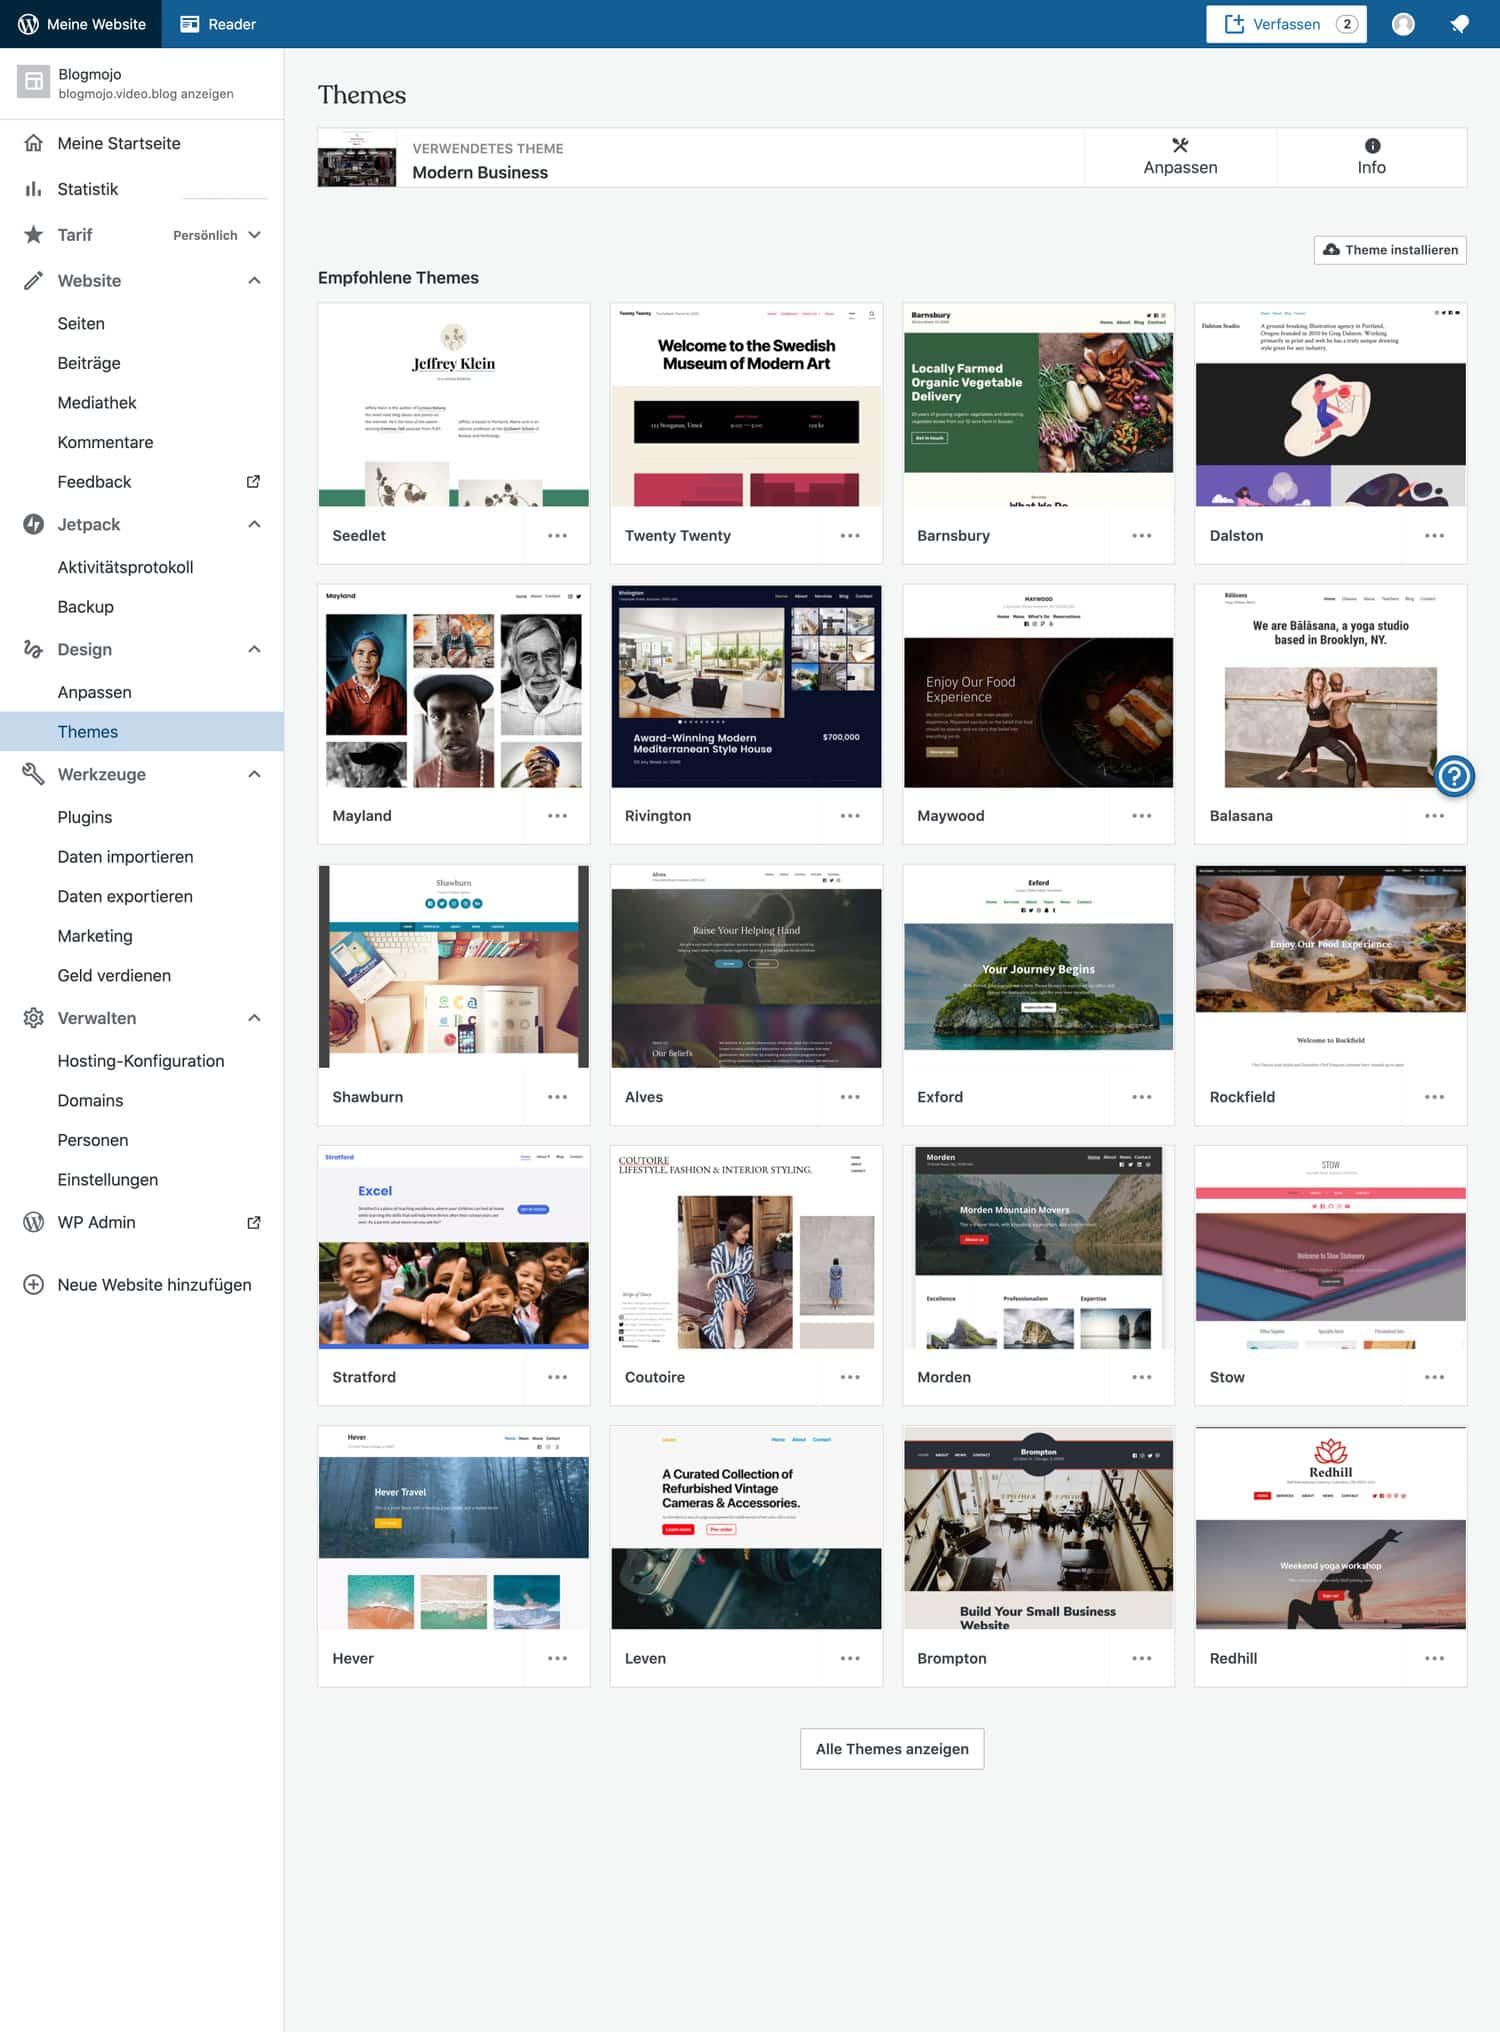 WordPress.com bietet dir eine gigantische Vielfalt an verschiedenen Templates